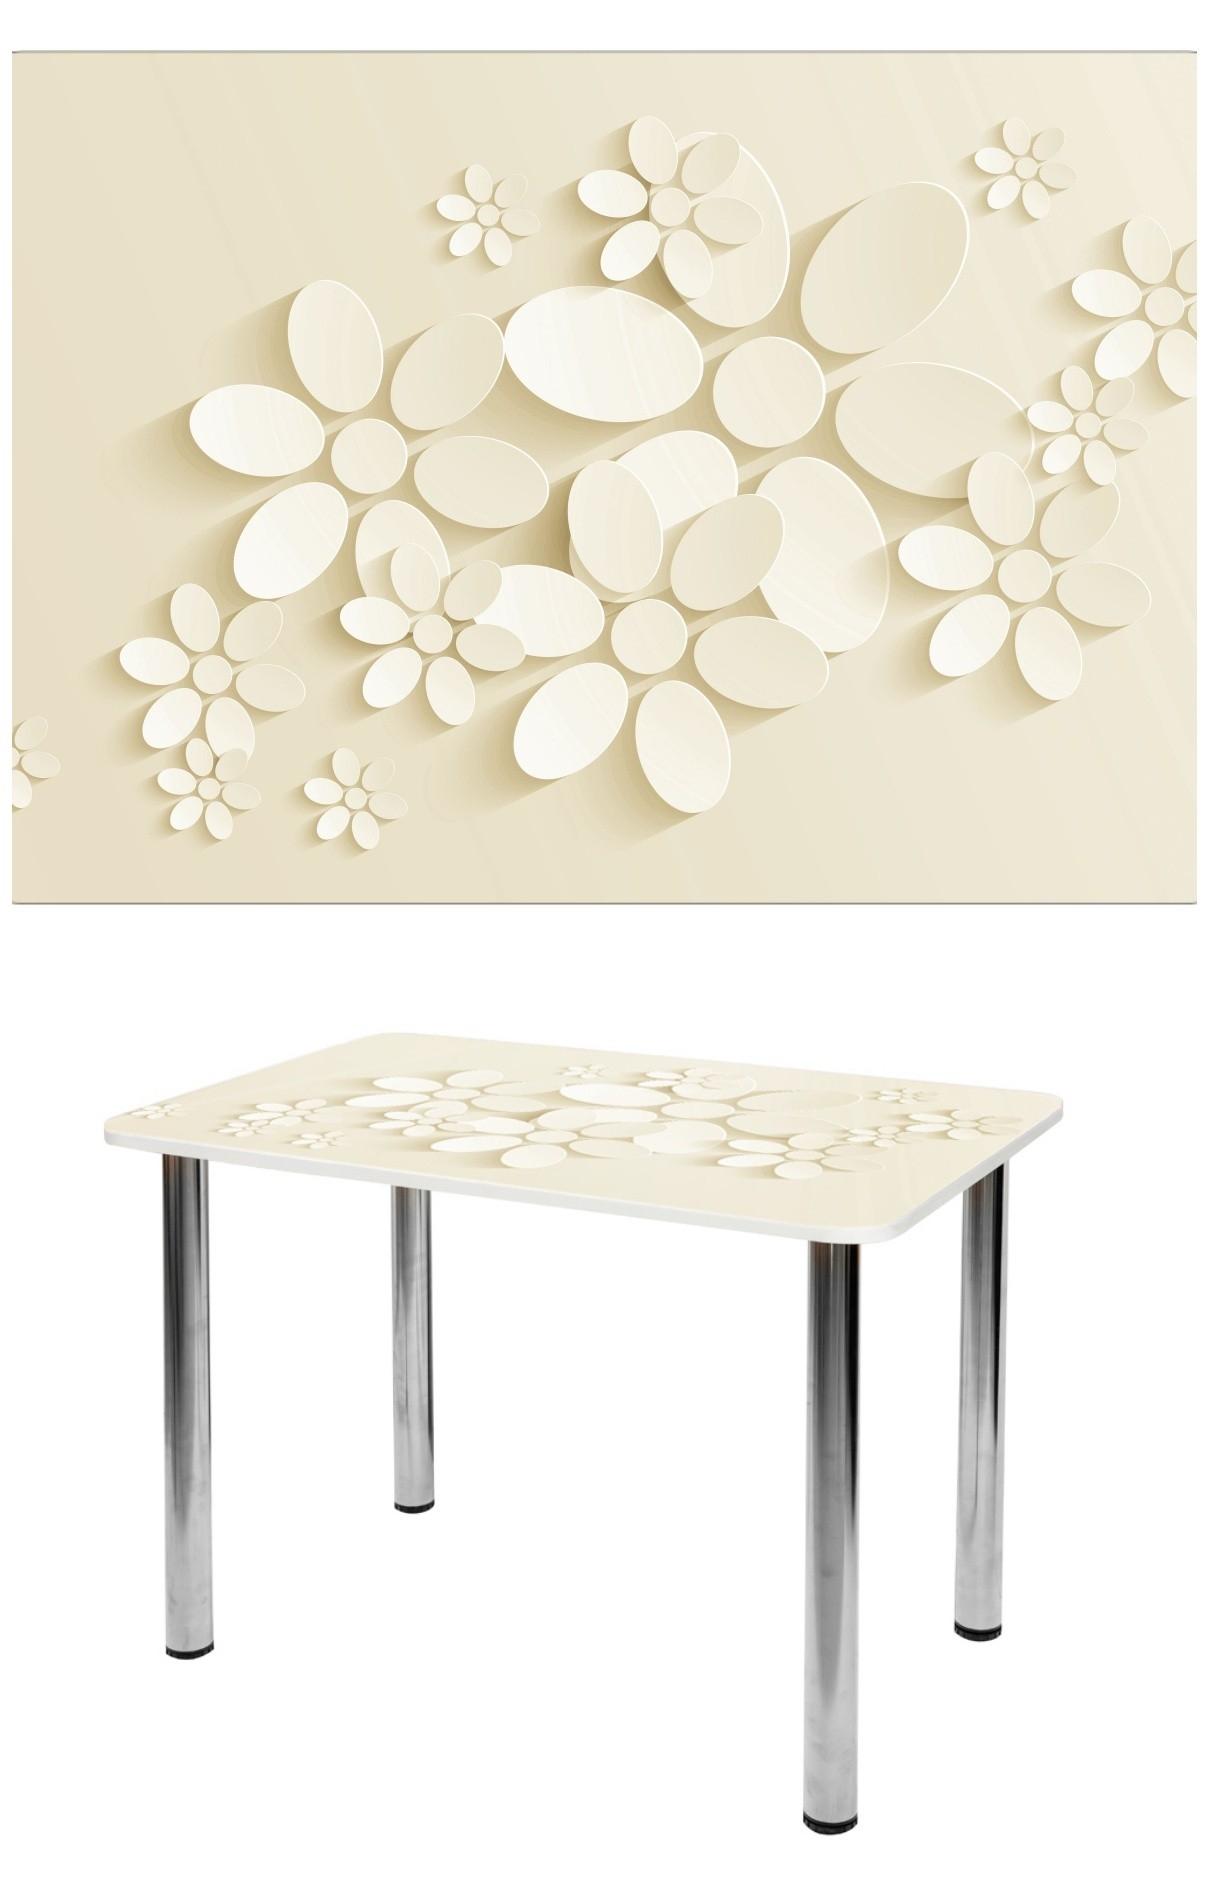 Прямоугольный стеклянный стол молочного цвета с цветами СО-Д-01-20